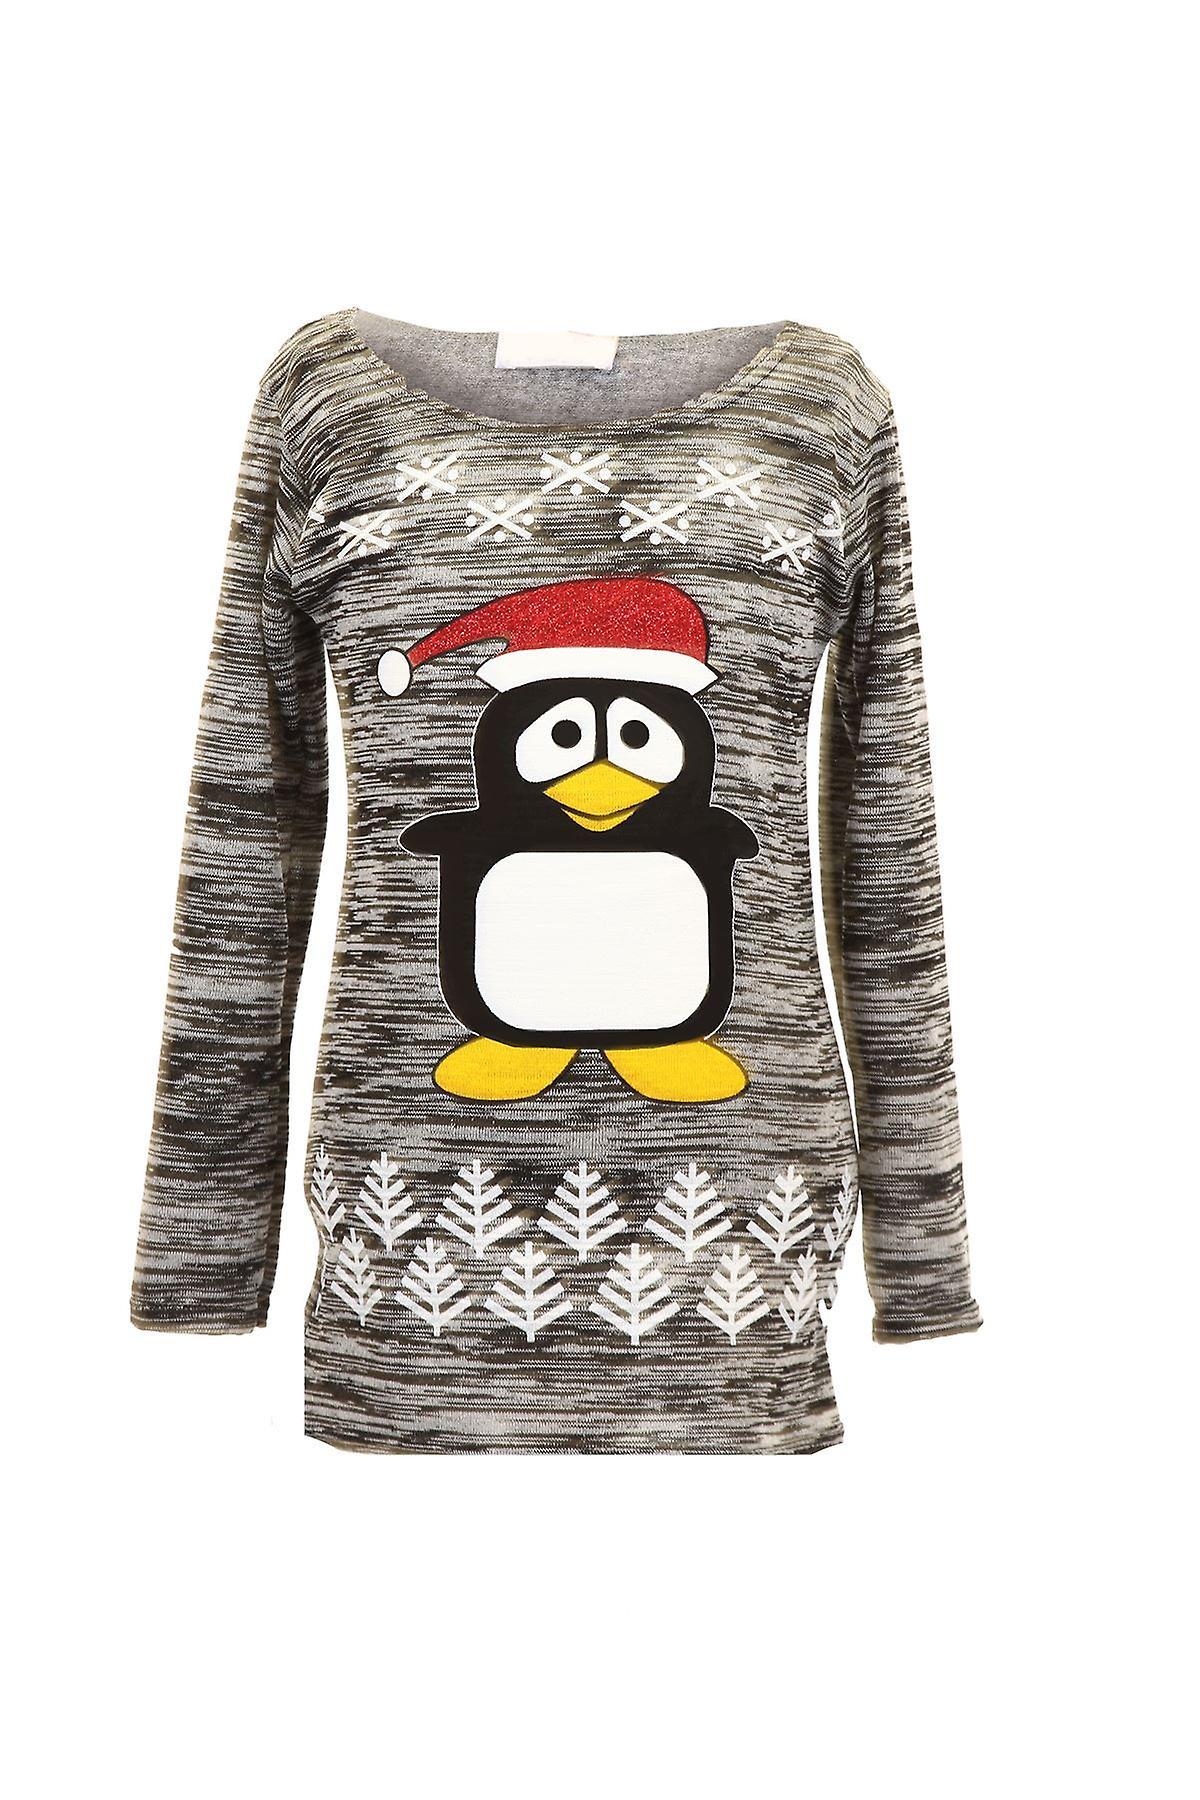 Children's Long Sleeve Christmas Penguin Sparkle Glitter Kid's Warm Jumper Top